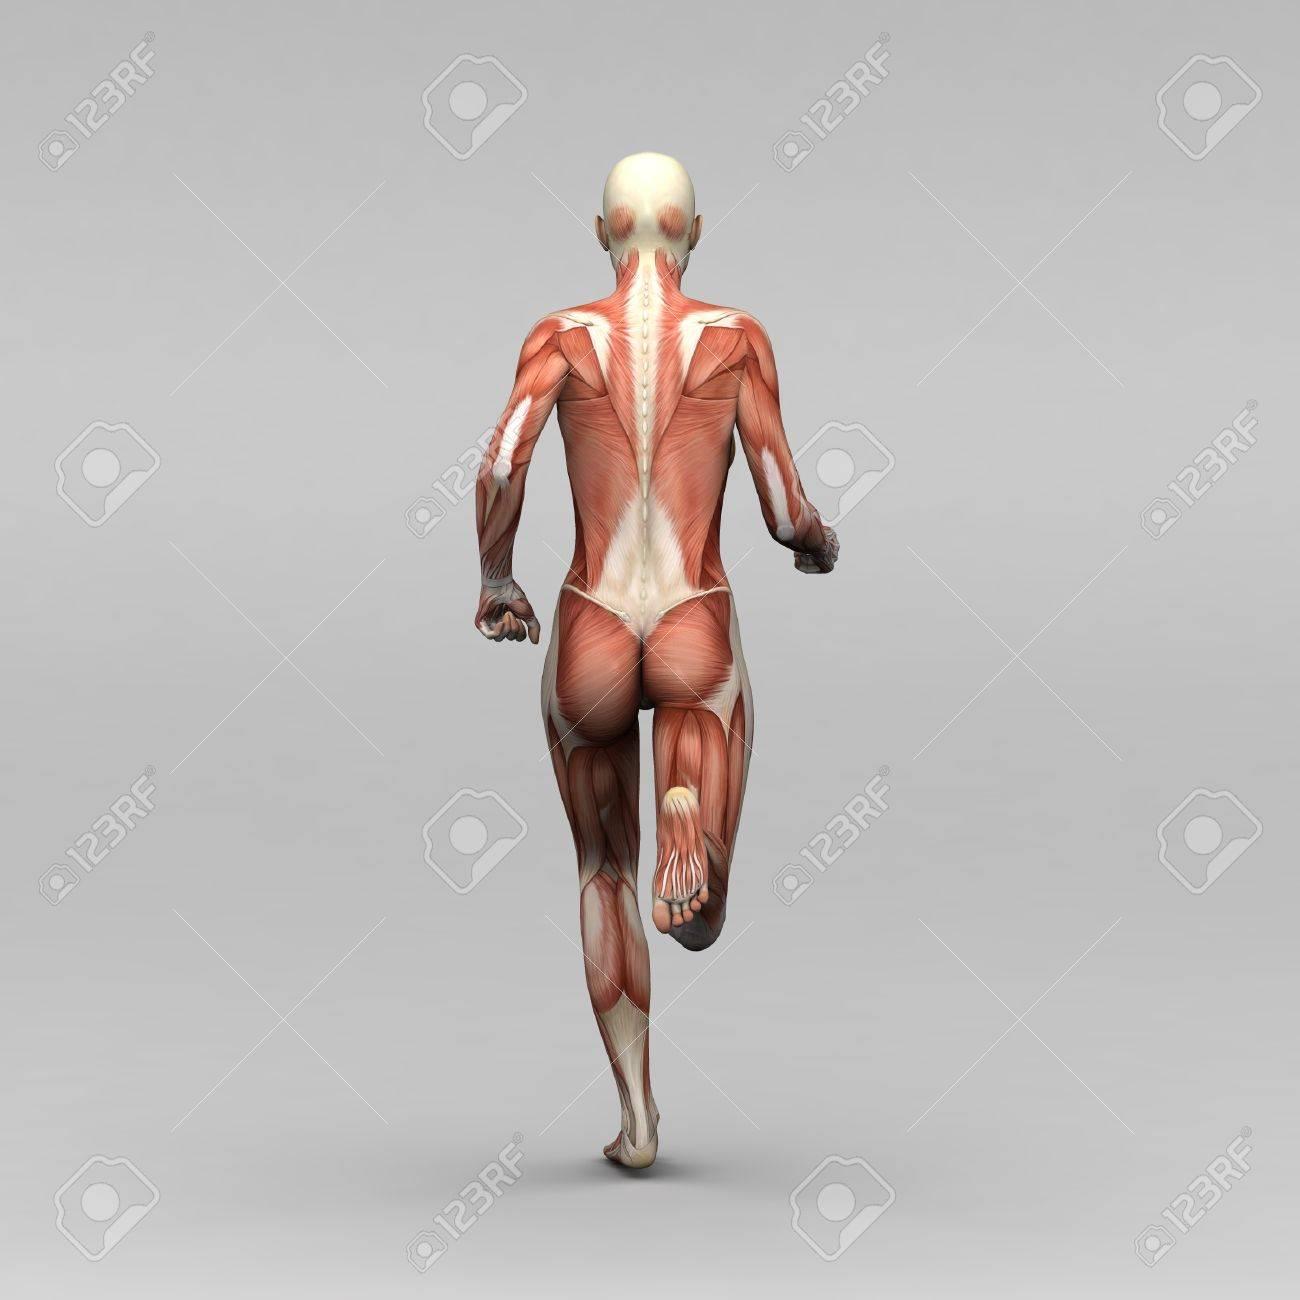 Weibliche Menschliche Anatomie Und Muskeln Lizenzfreie Fotos, Bilder ...